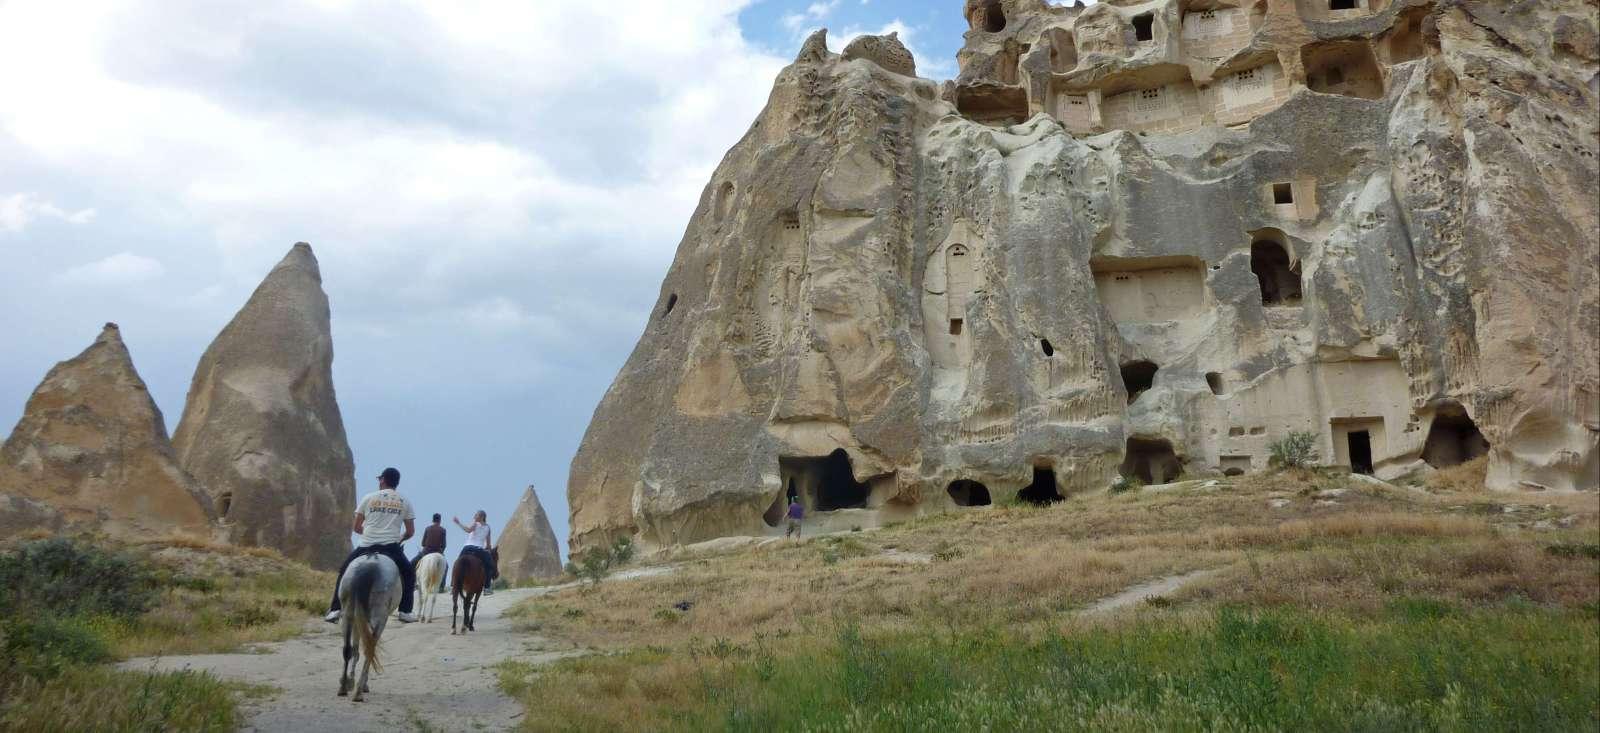 Voyage avec des animaux : Initiation équestre en Cappadoce